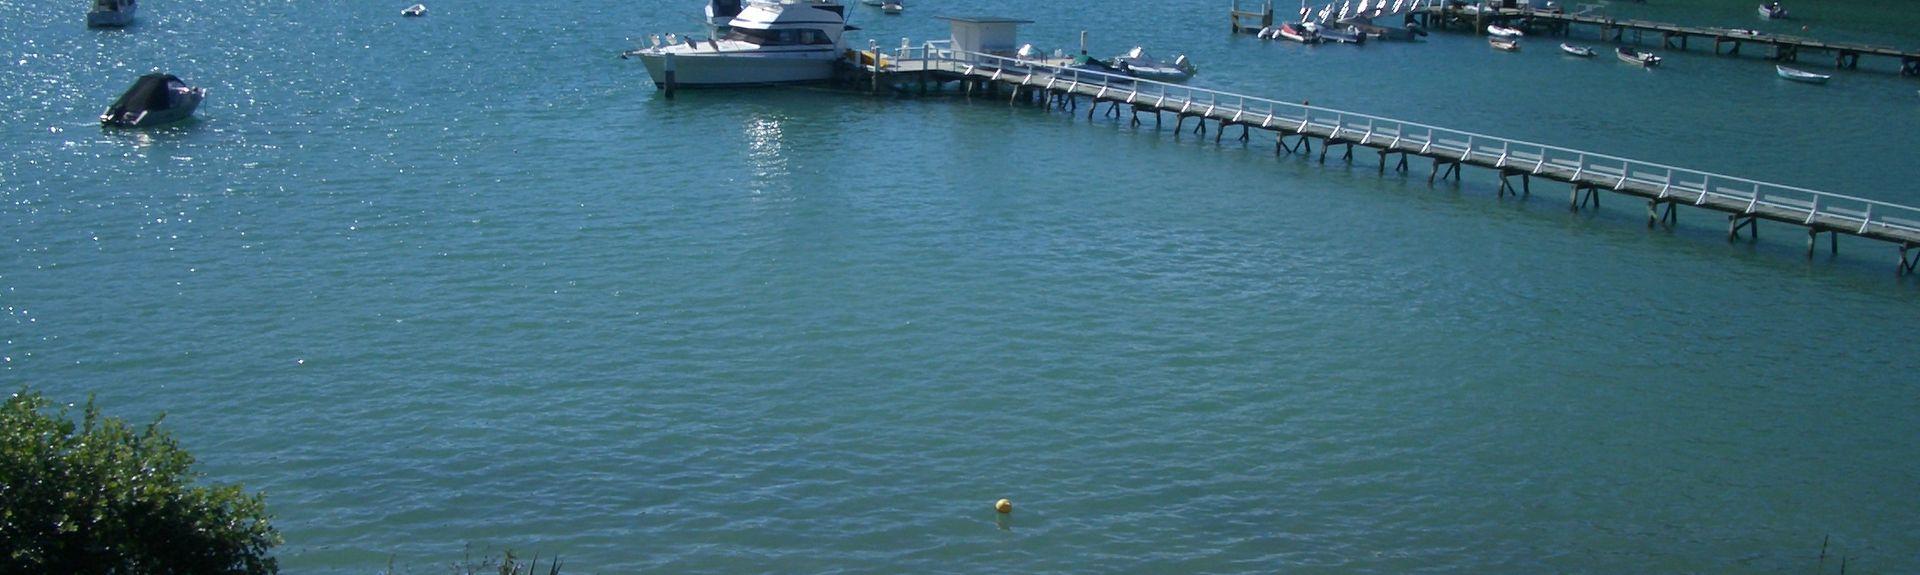 Kawau Island, Rodney, Auckland, New Zealand